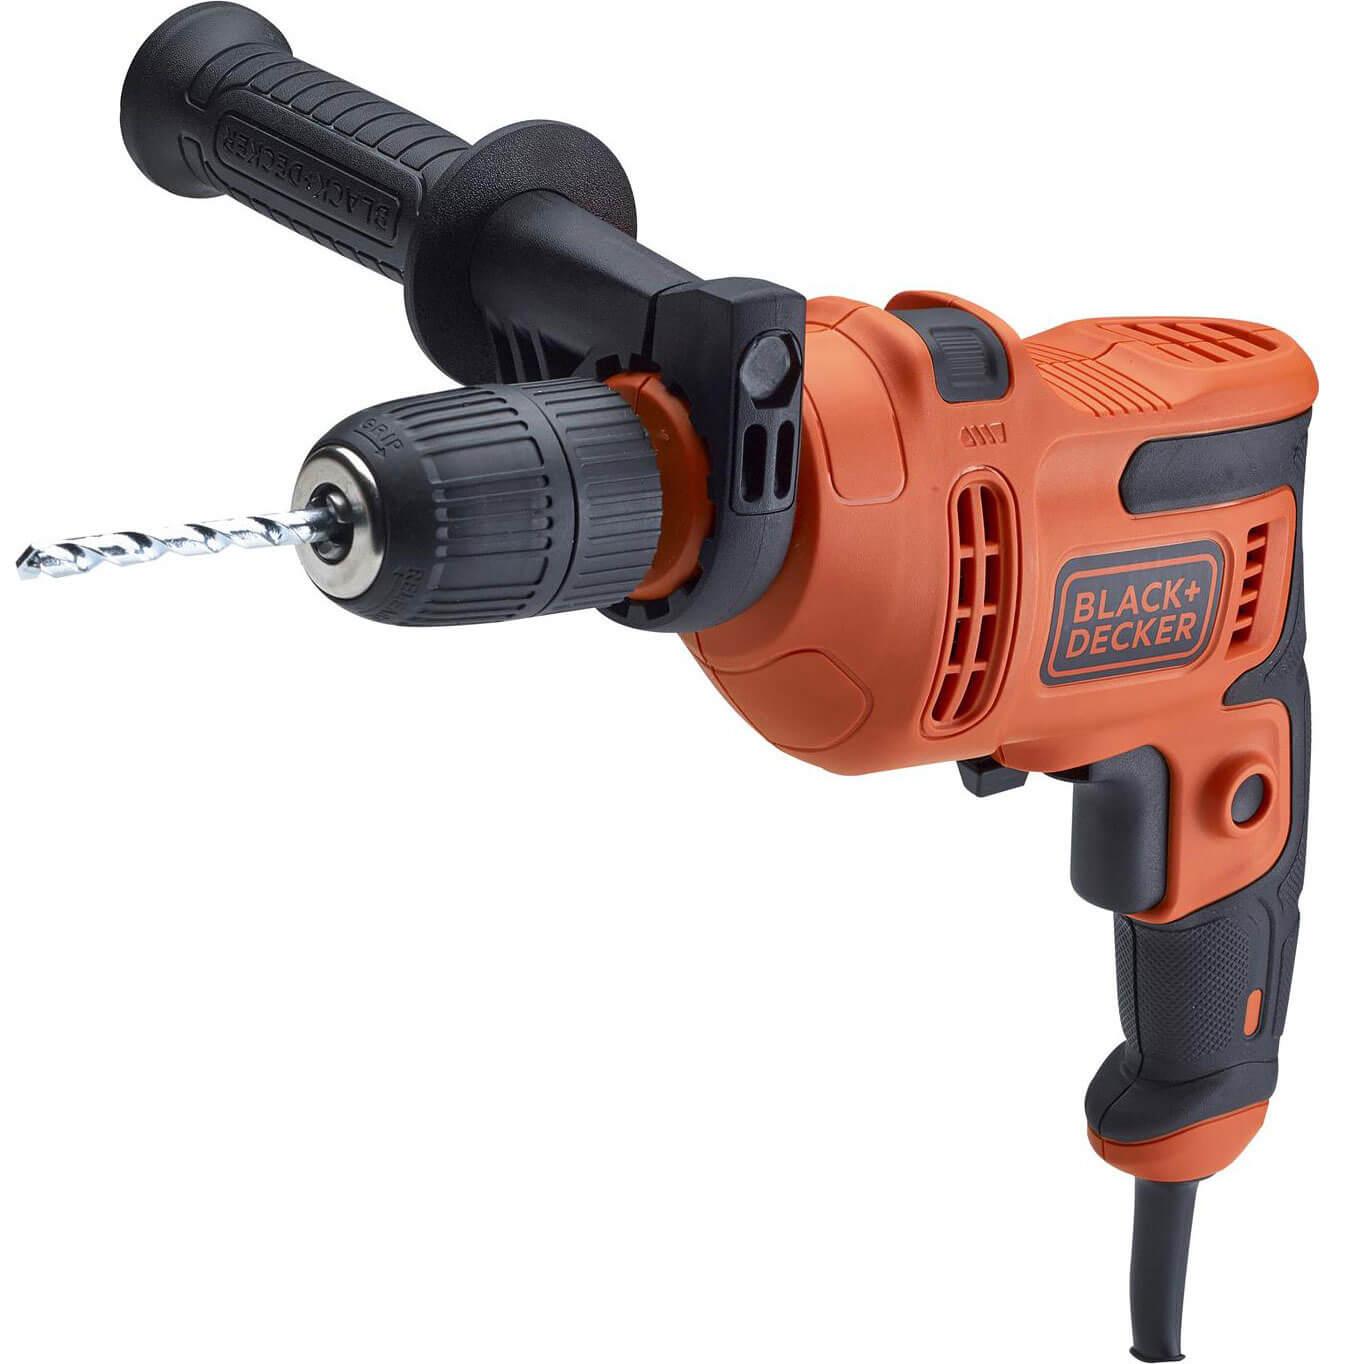 Black & Decker BEH200TB Heritage Drill with Drill Bit Set 500W 240V